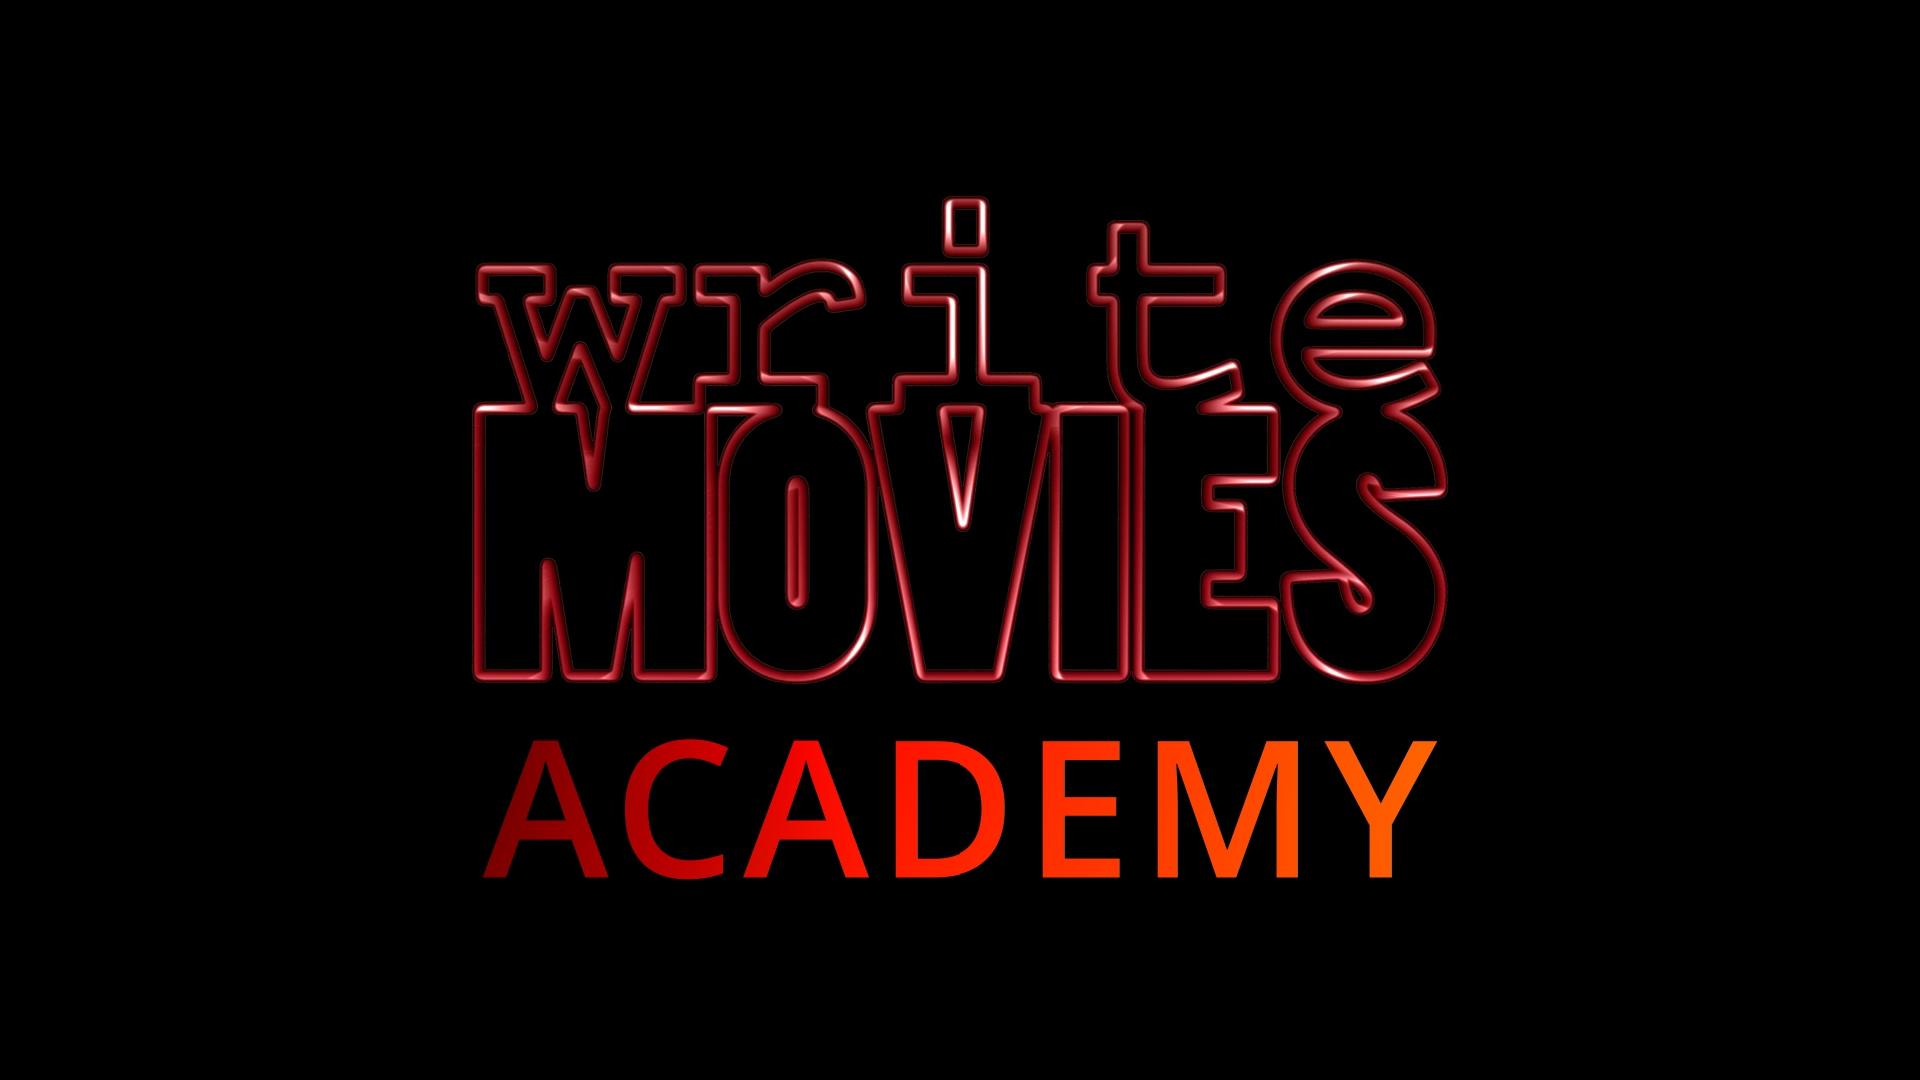 WriteMovies Academy logo